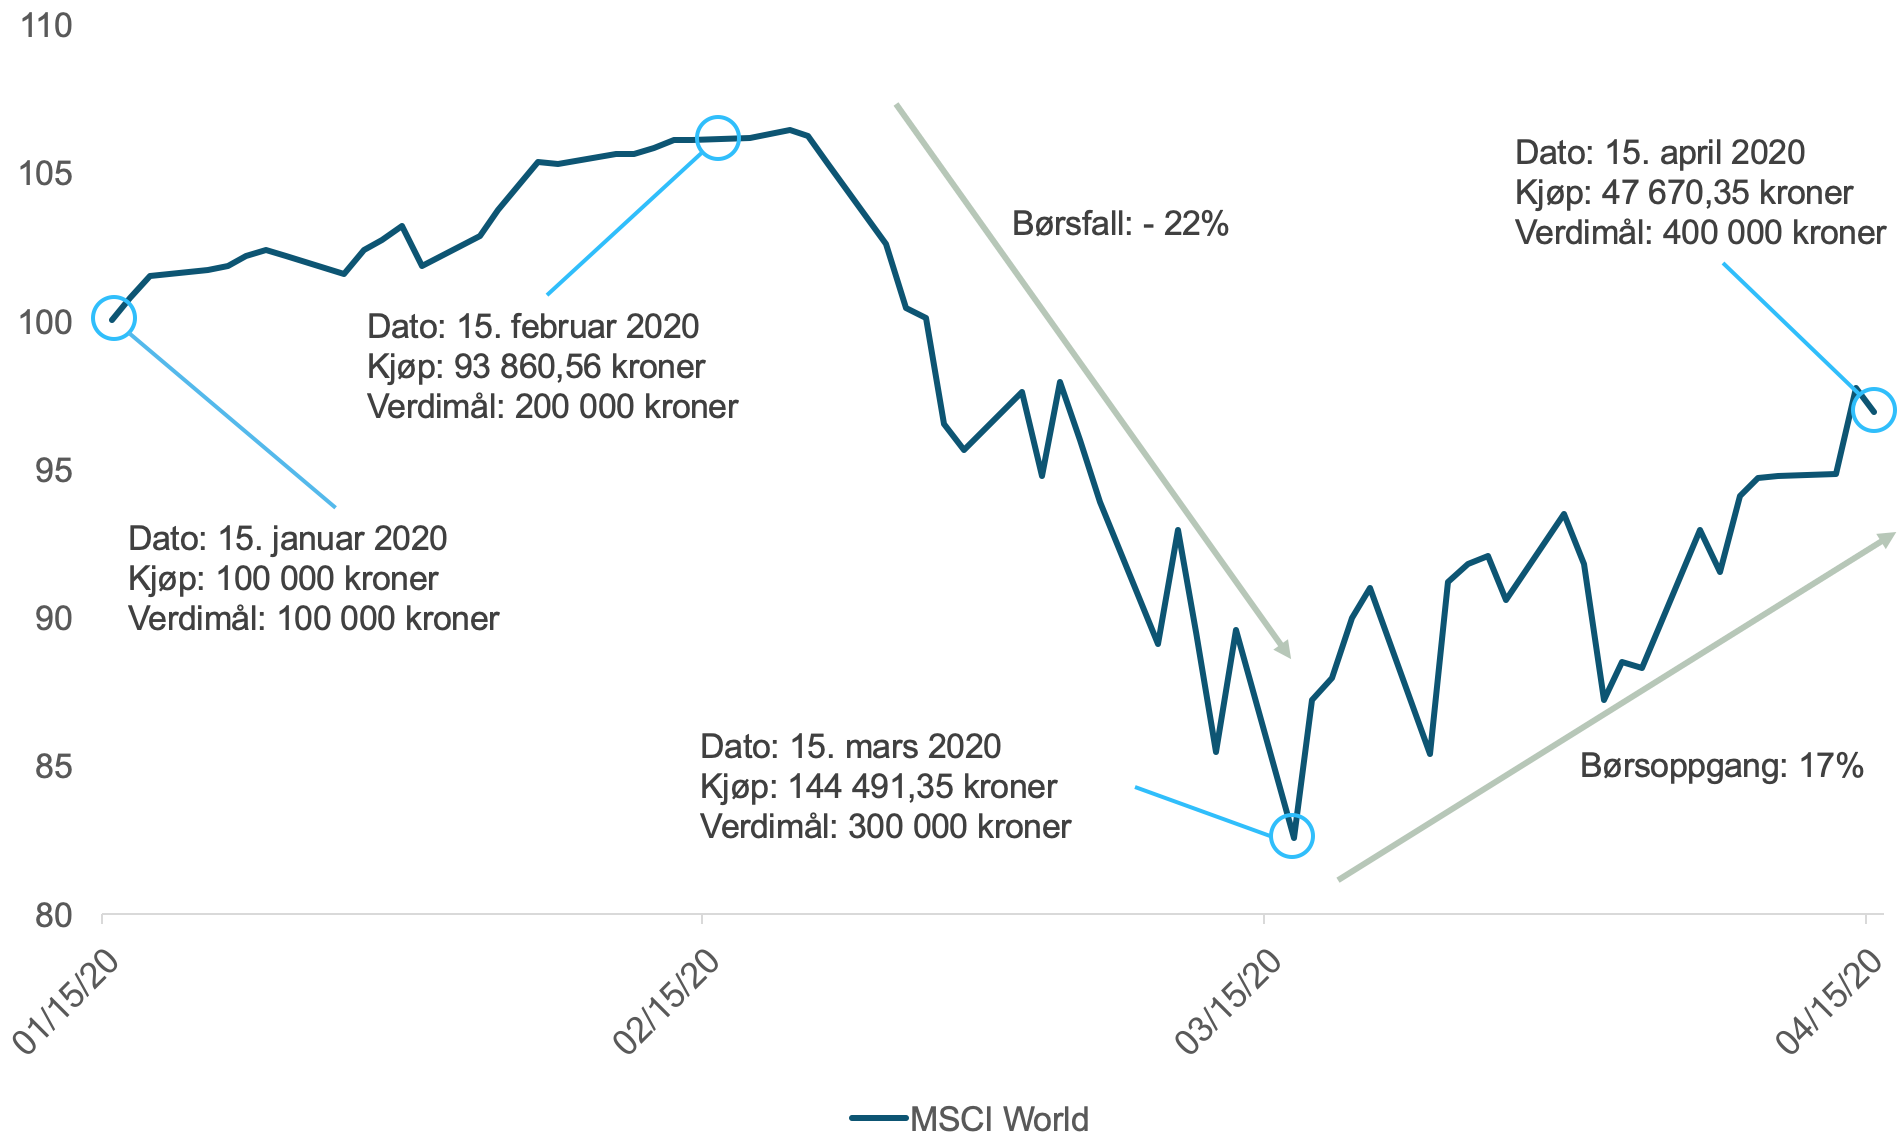 """Her ser du hvordan """"value averaging"""" med utgangspunkt i en million kroner som skal investeres, hvor du ønsker en økning i markedsverdien på 100 000 kroner fra en måned til den neste, ville utviklet seg i de fire første månedene av 2020. Legg merke til hvordan du da ble tvunget til å kjøpe for ekstra mye under børsfallet i mars."""